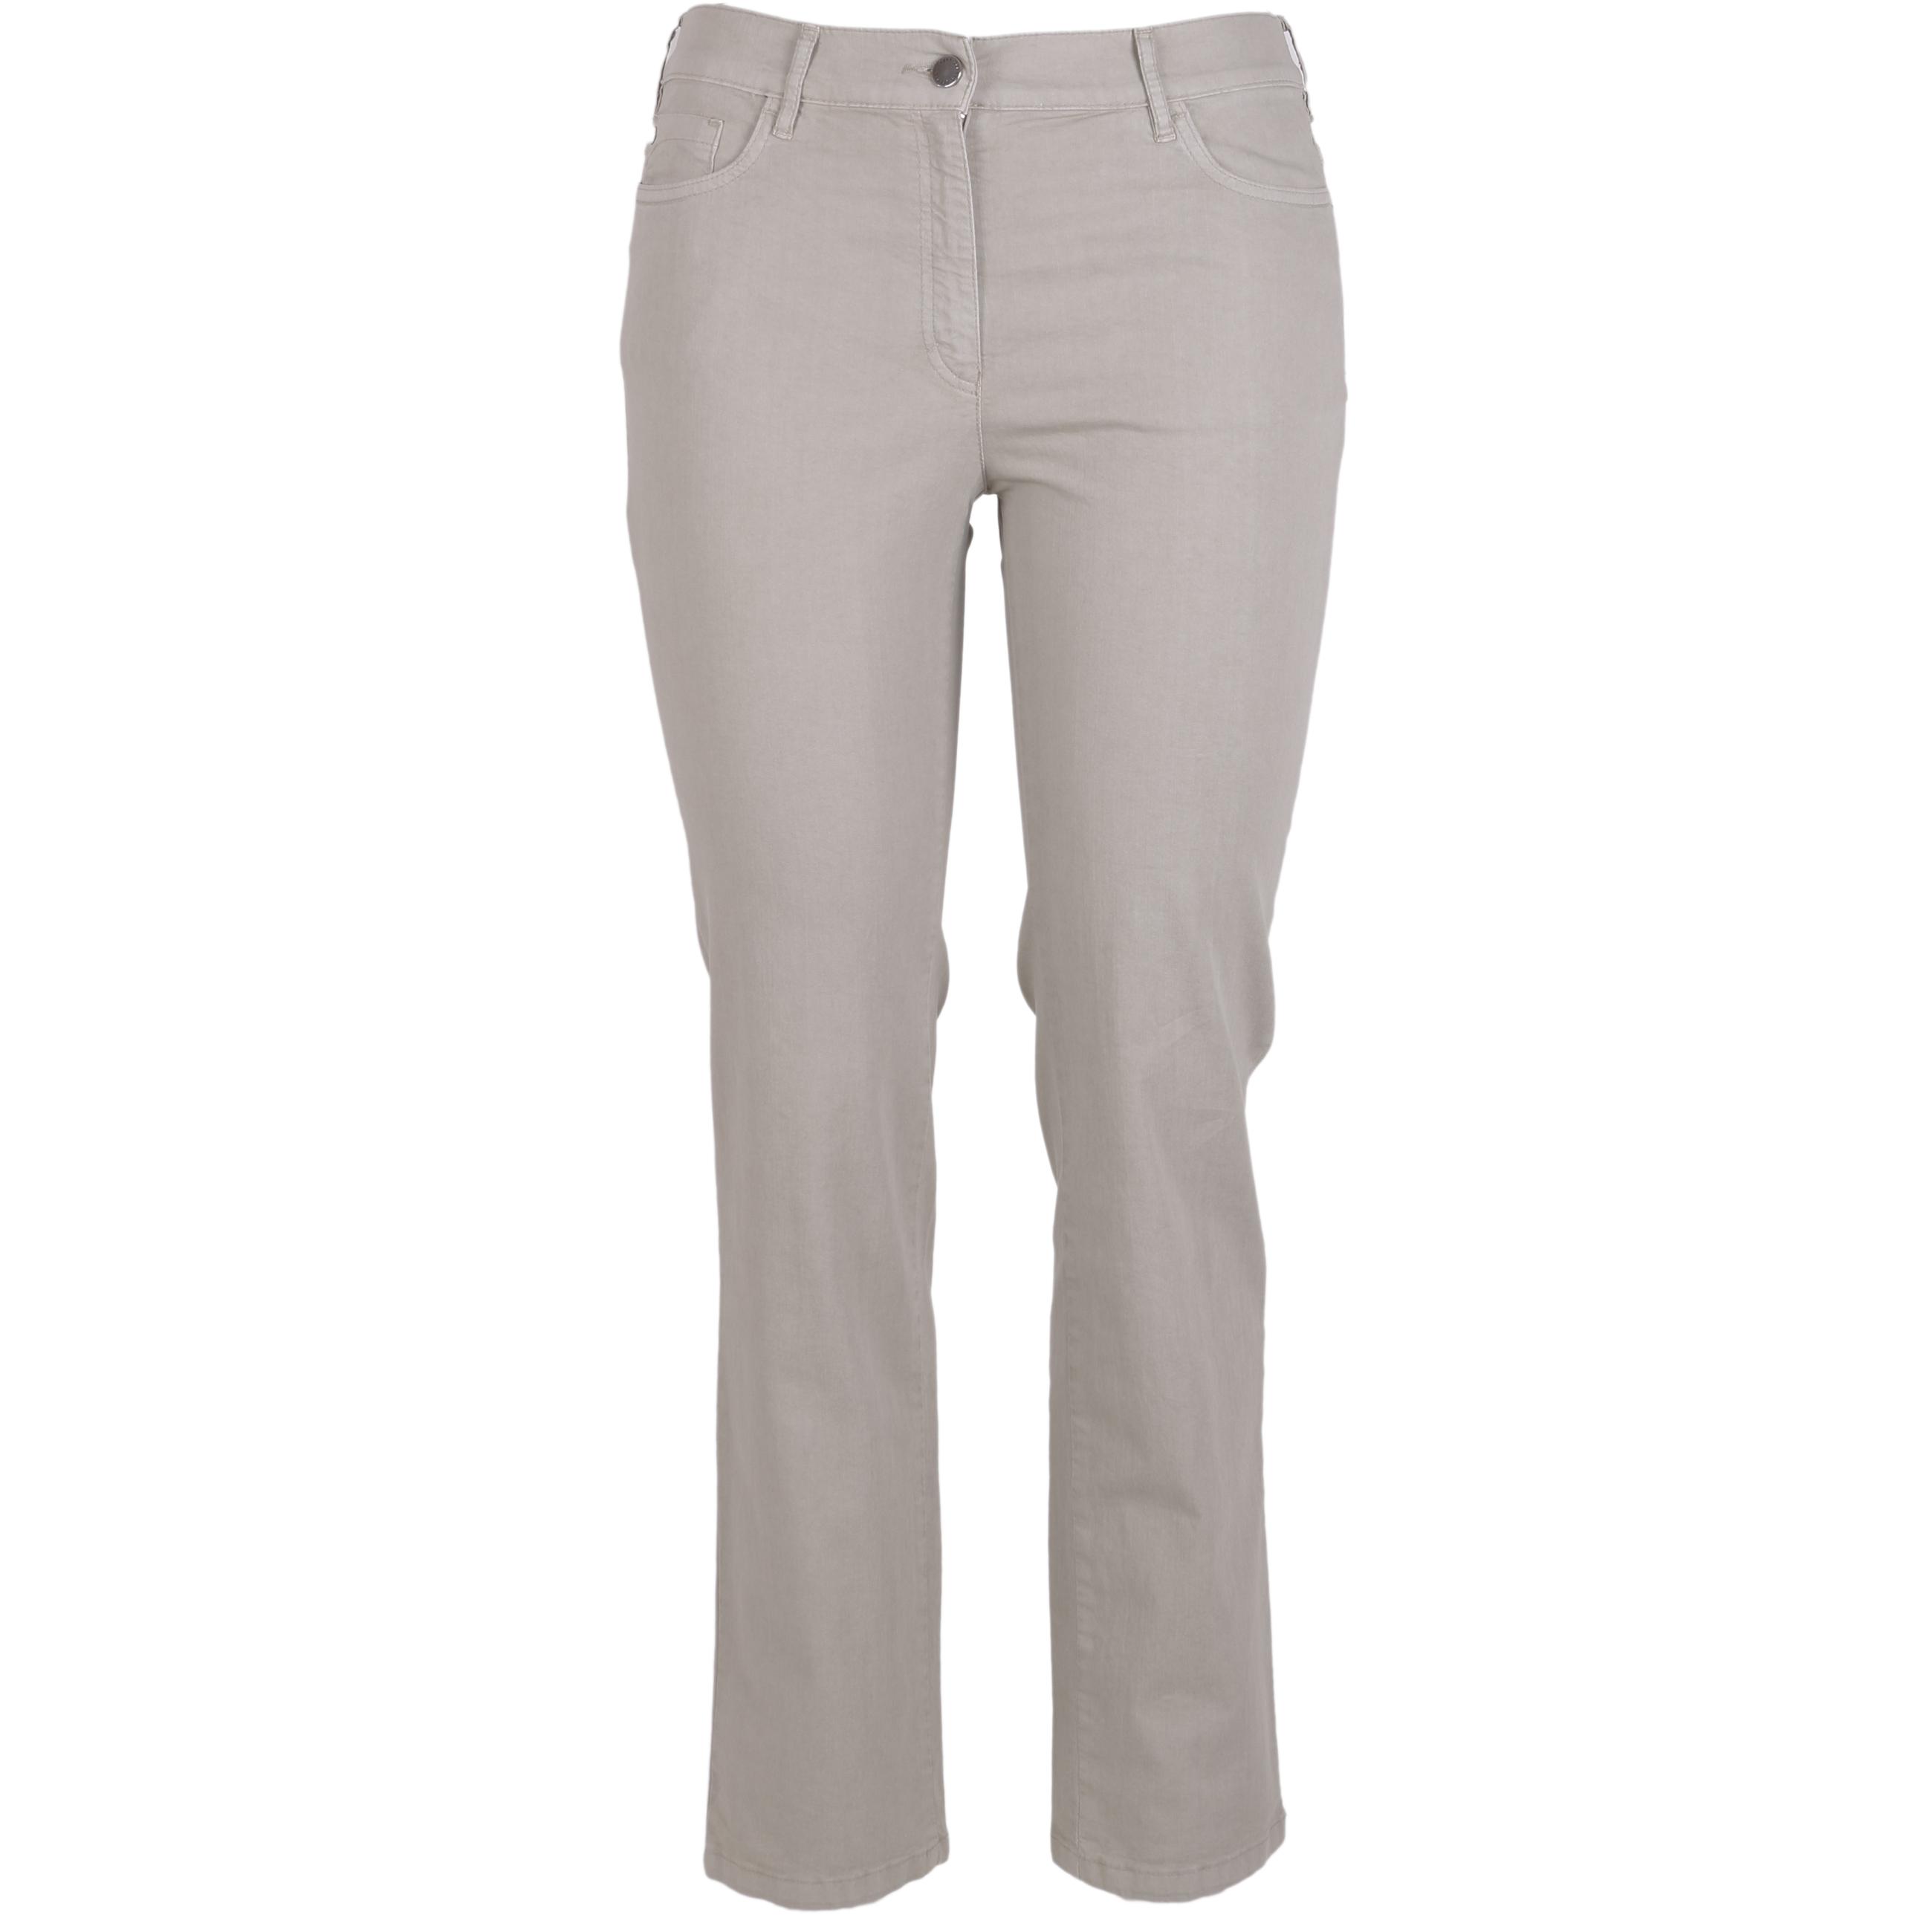 Zerres Damen Jeans Greta sommerliche Qualität - khaki 20